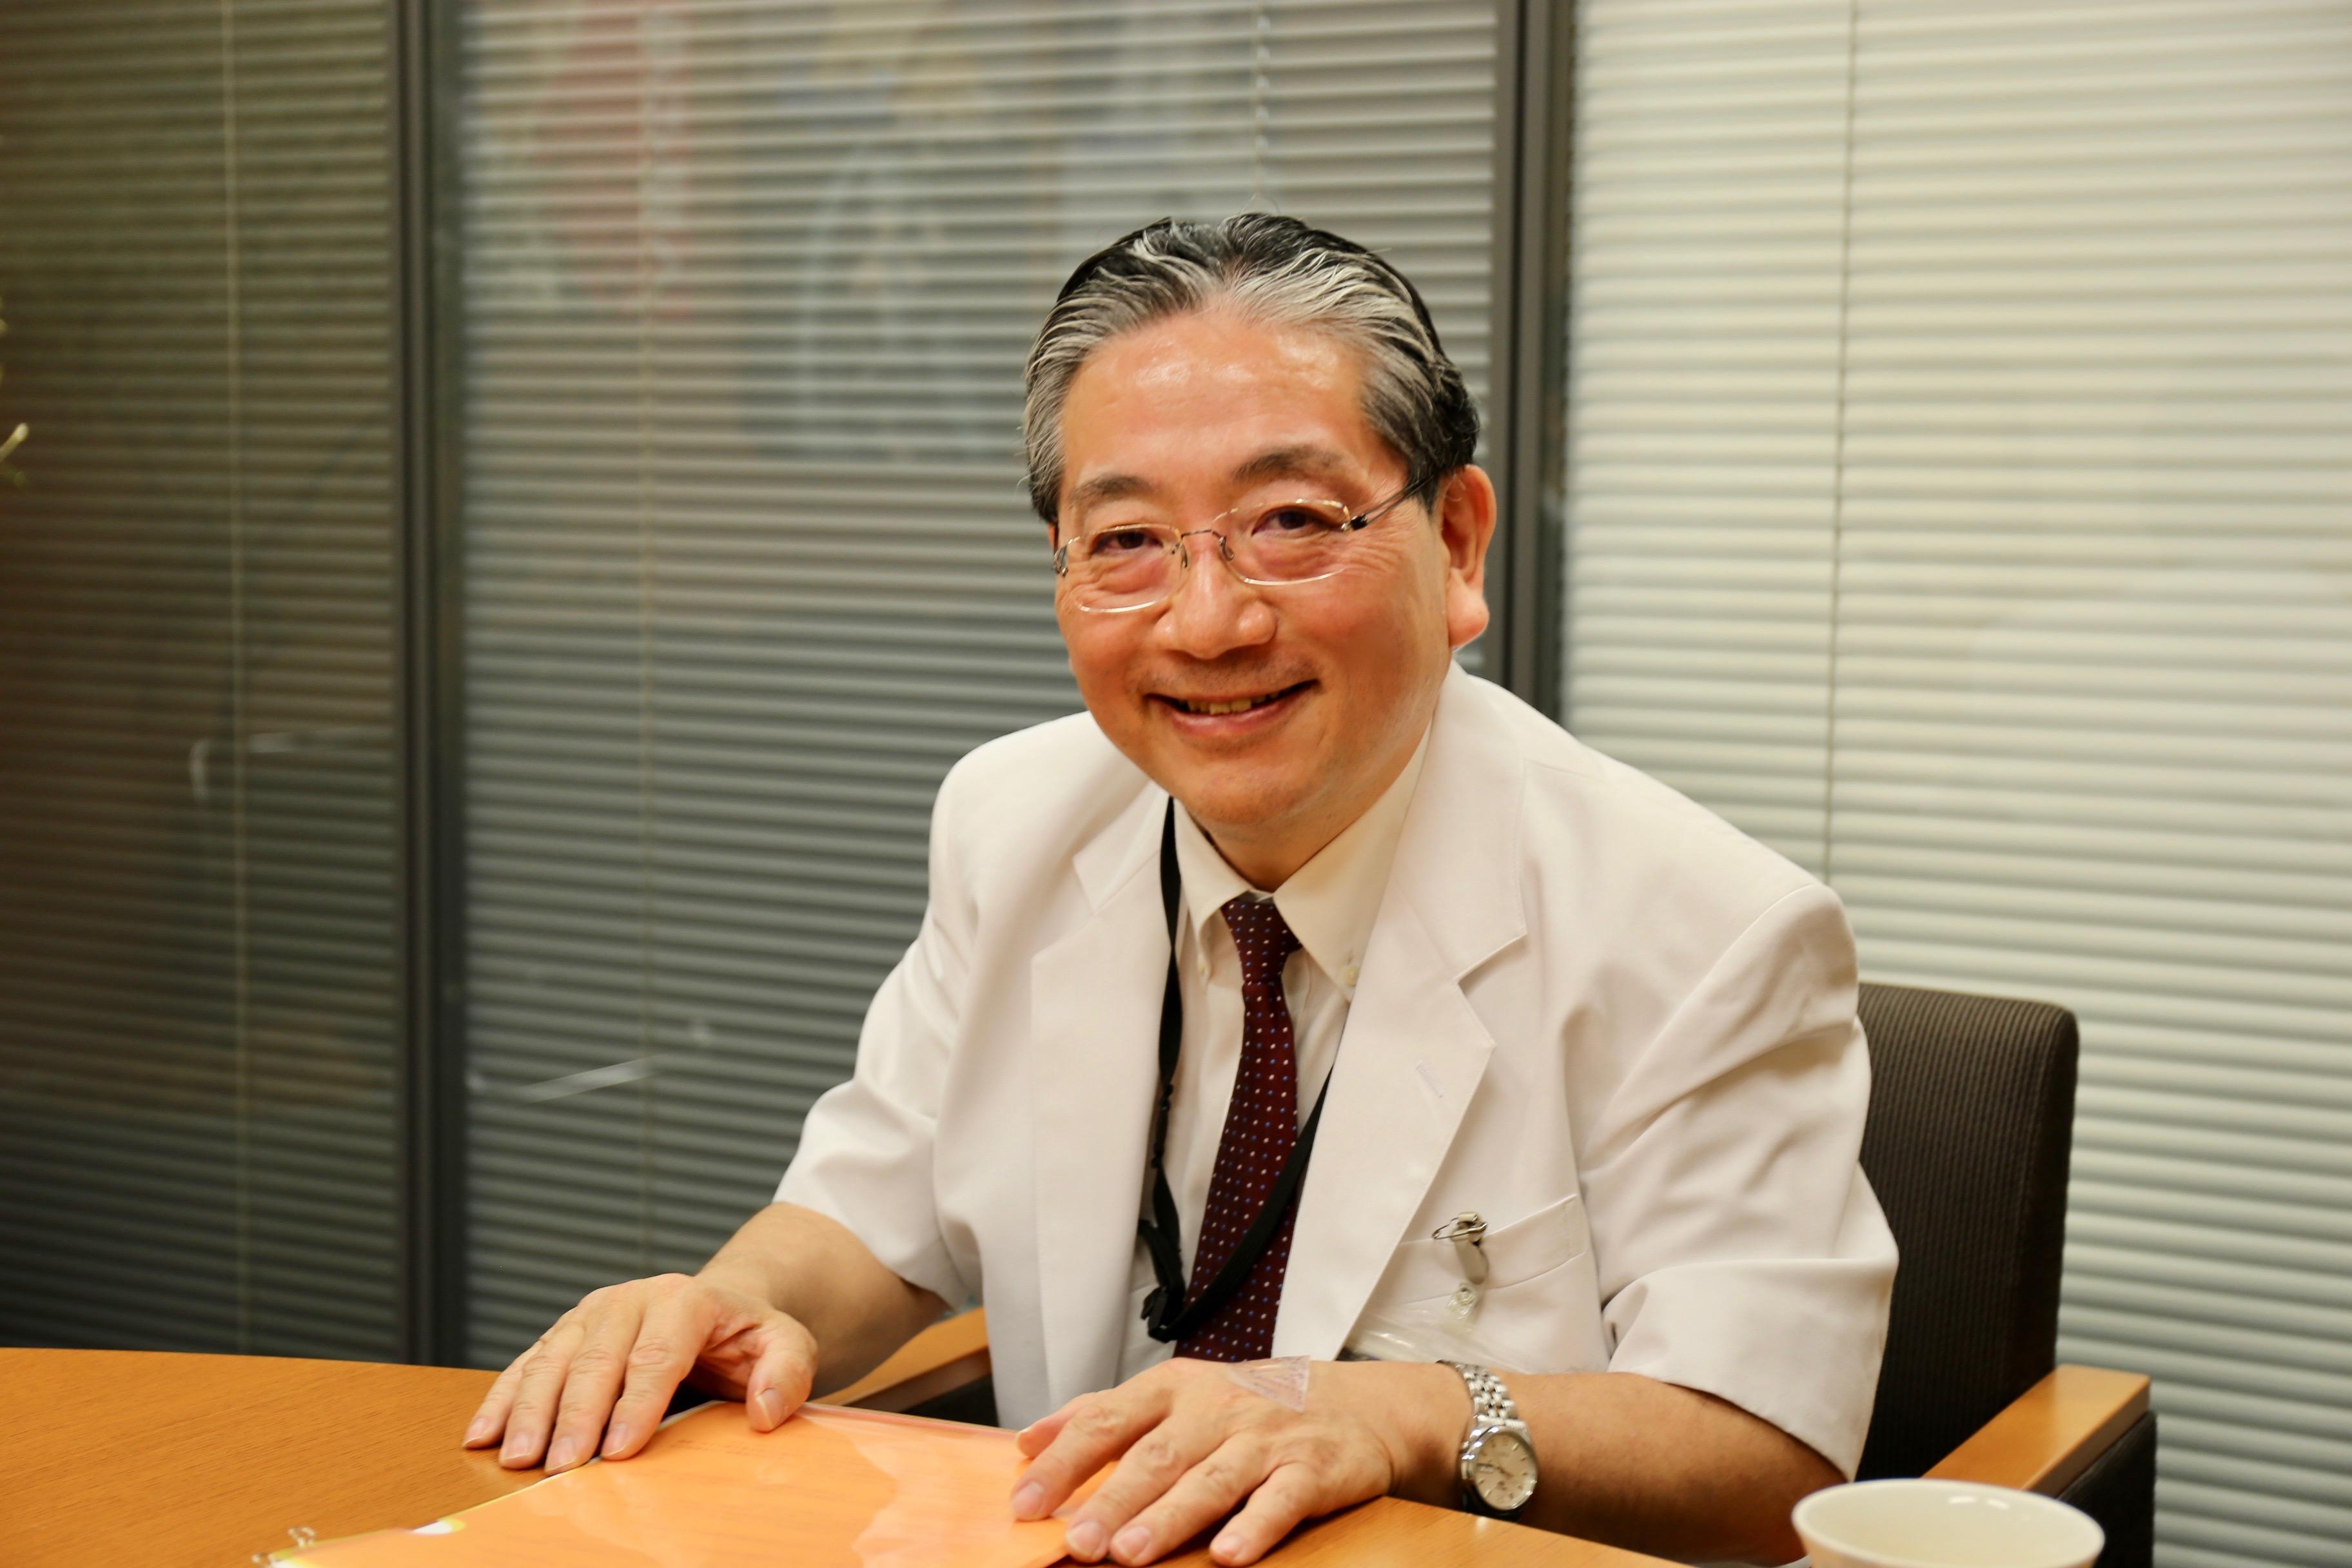 「人と接する仕事」への思いが原点—安藤高夫先生のあゆみ